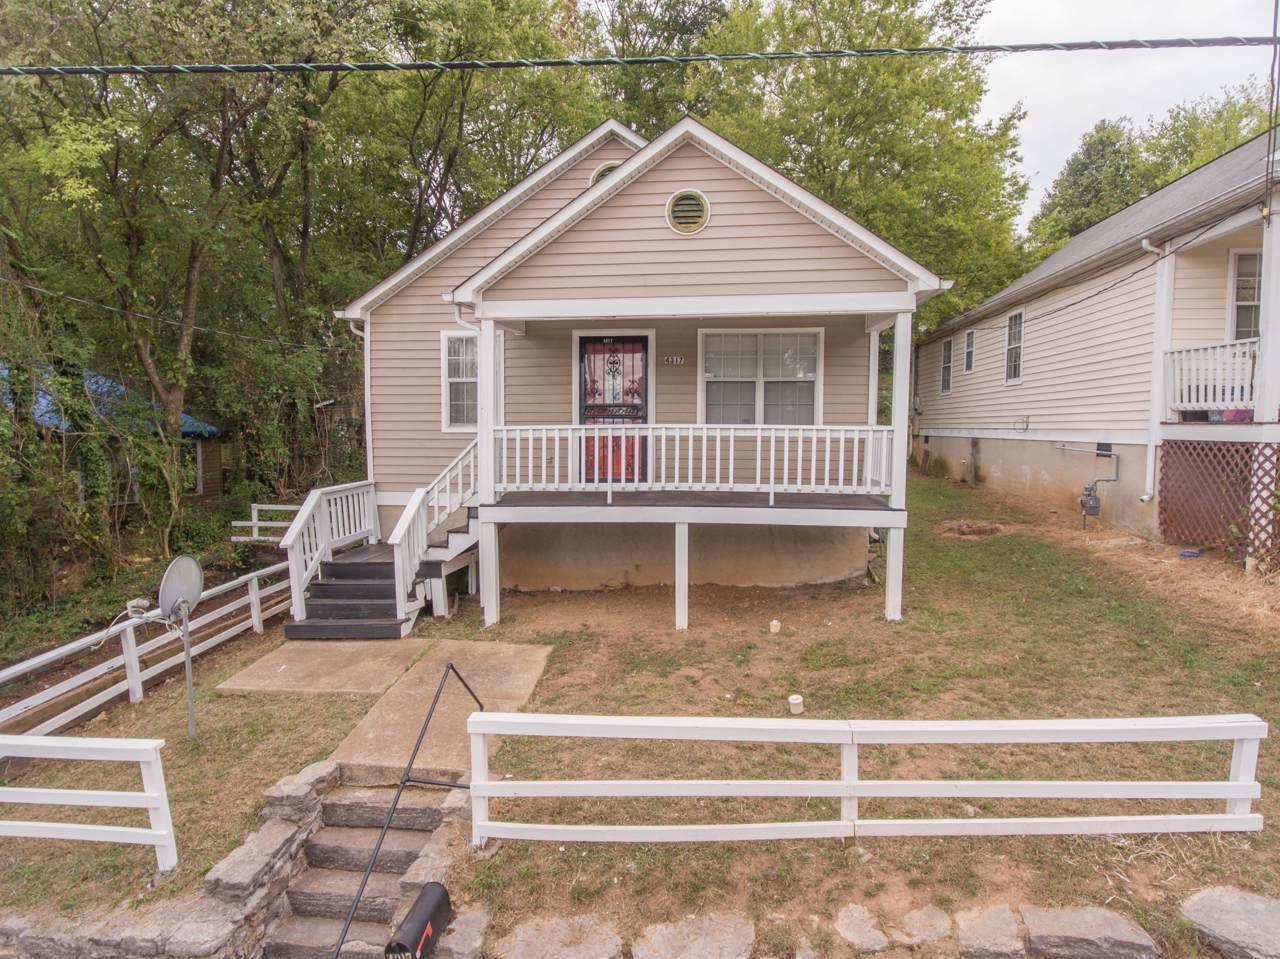 4317 Ohls Ave - Photo 1